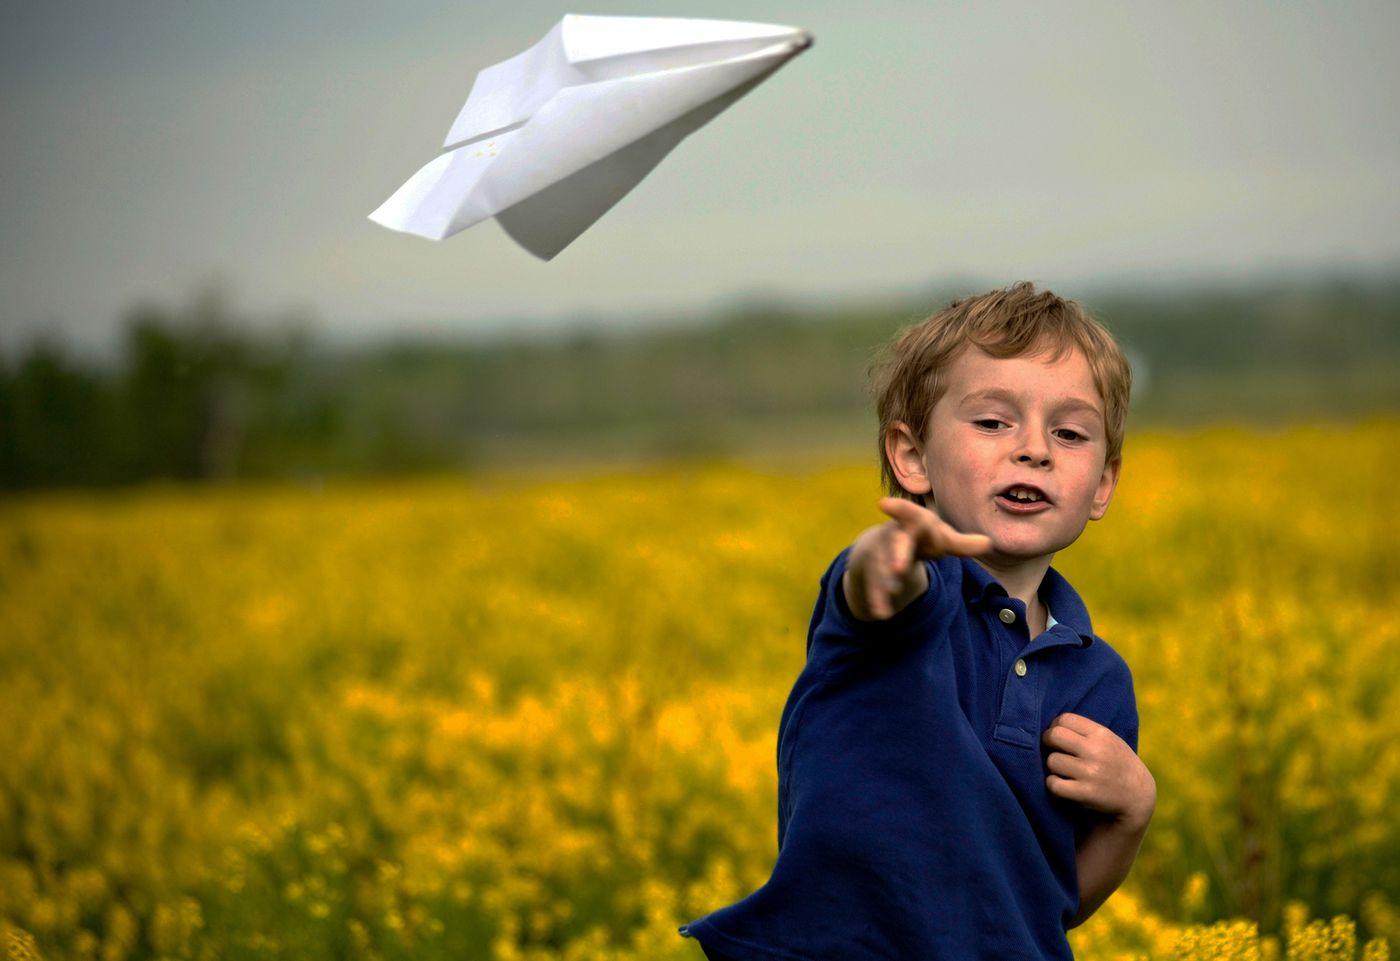 Aerei di carta acrobatici per bambini: come crearli?